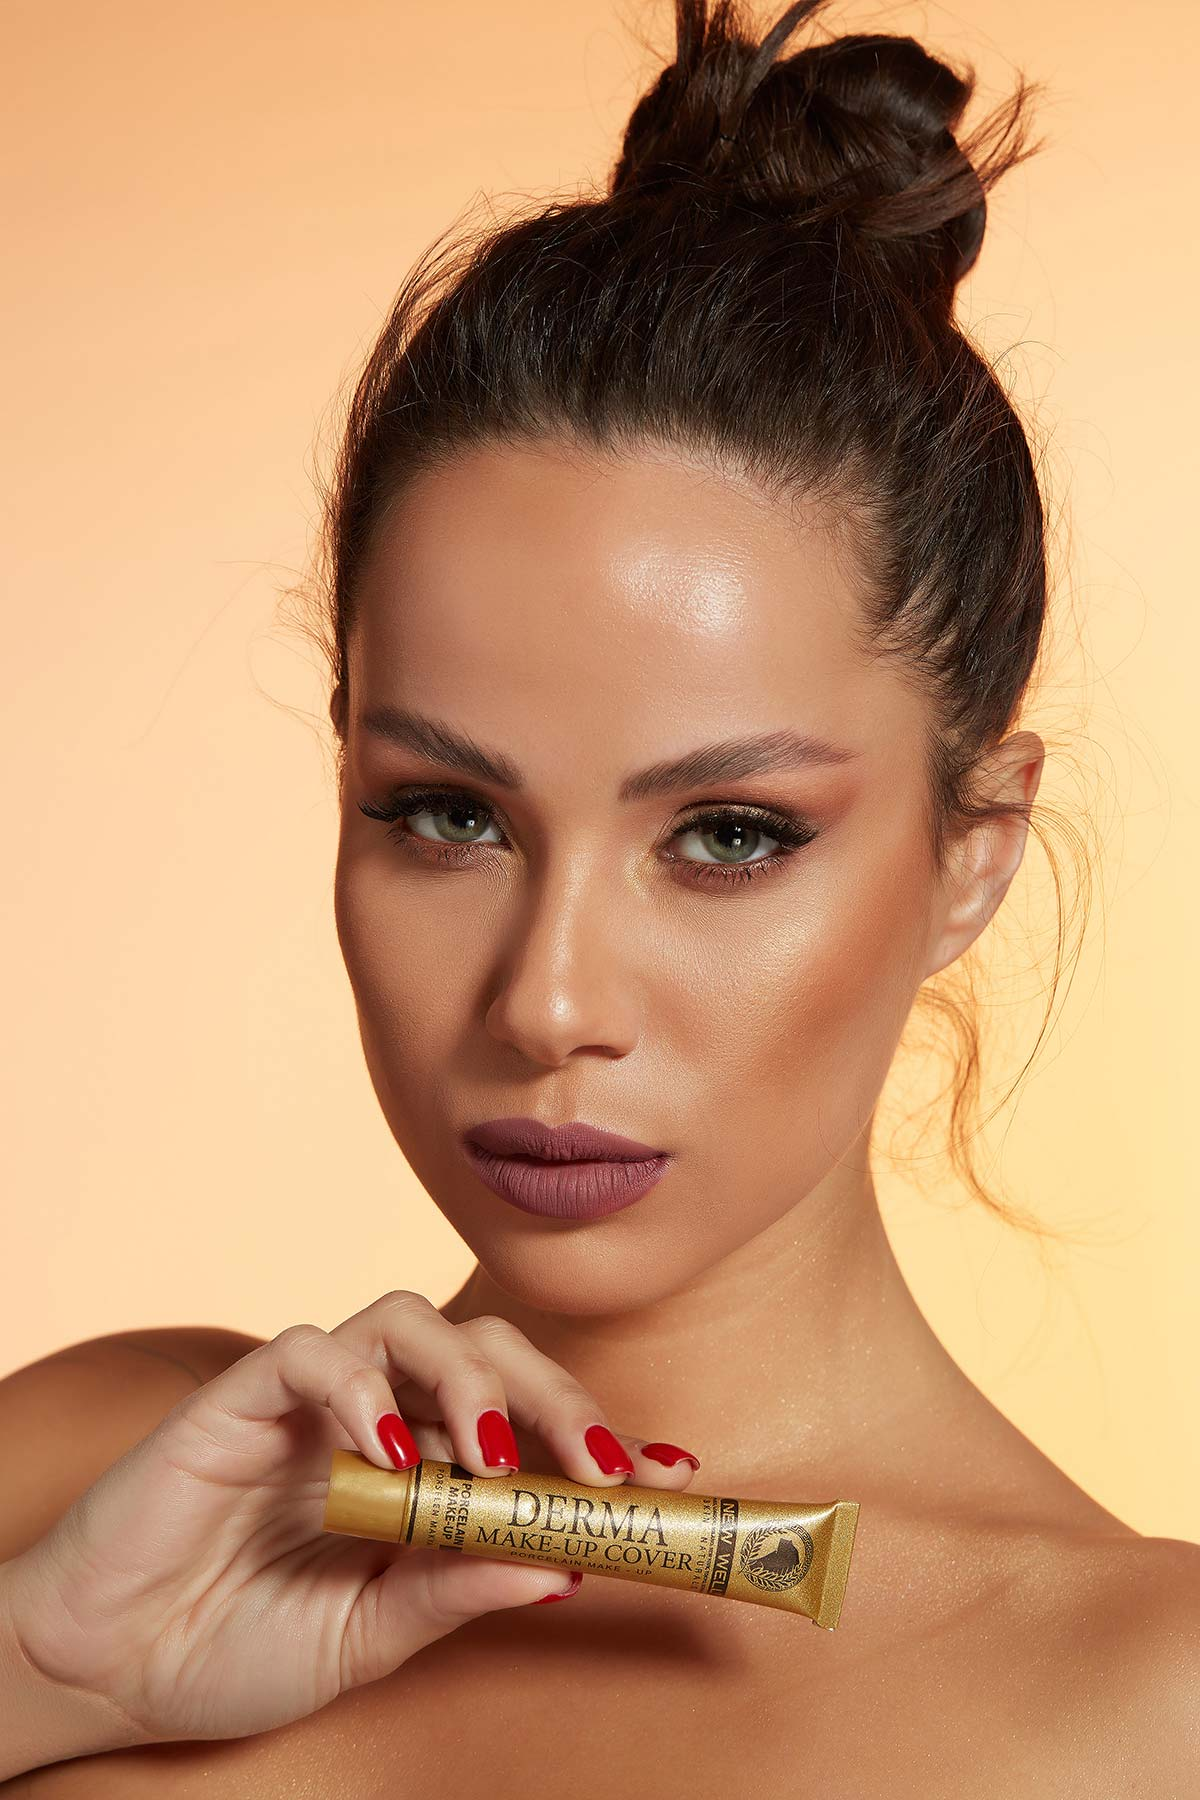 Derma Make-Up Cover Foundation - Nickel -Fondöten - Foundation Thumbnail